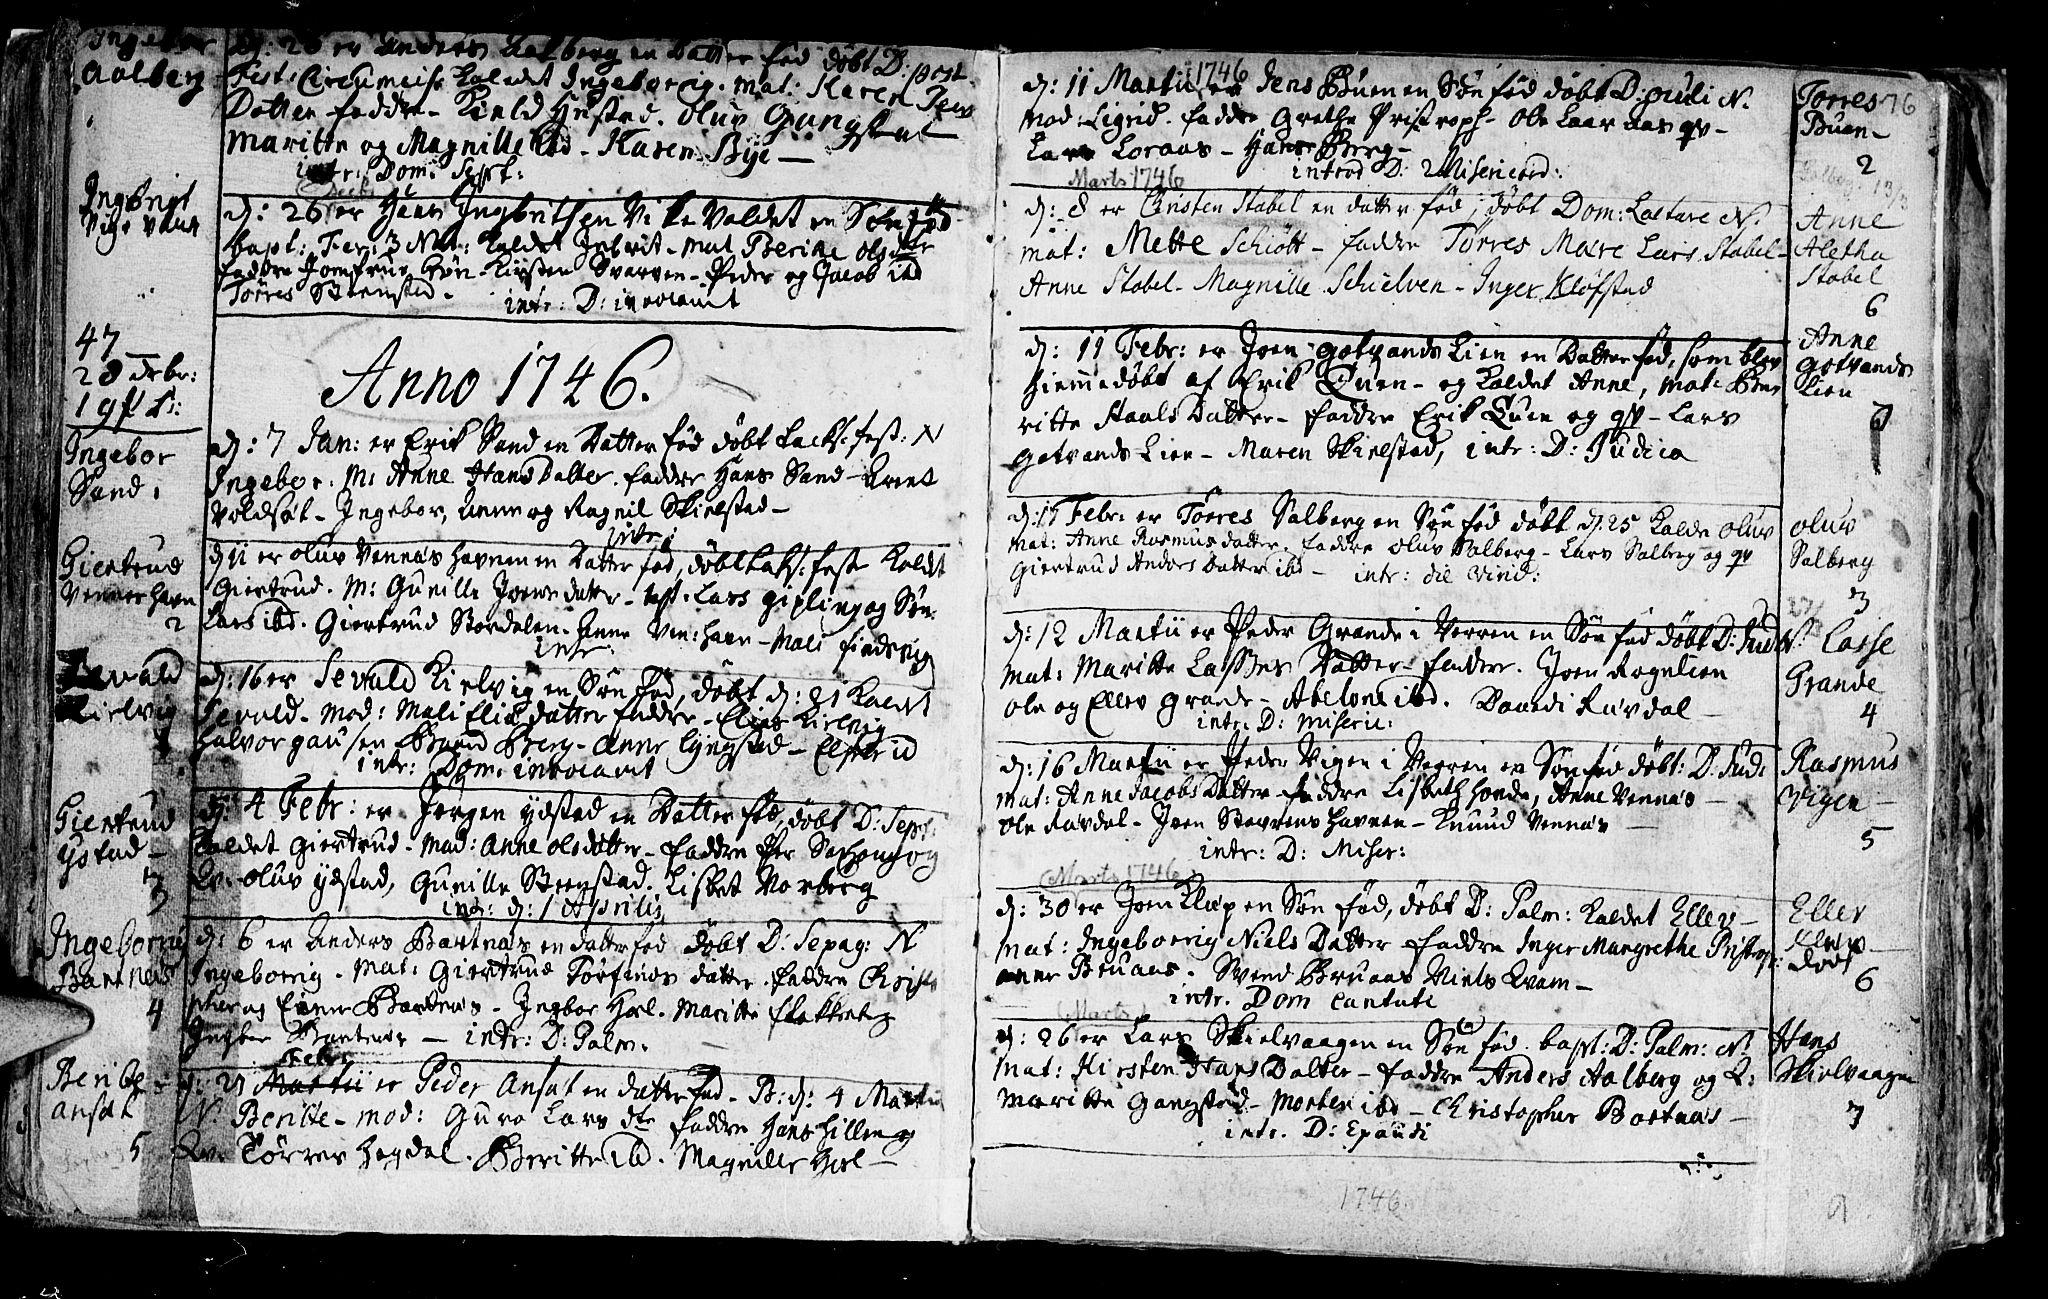 SAT, Ministerialprotokoller, klokkerbøker og fødselsregistre - Nord-Trøndelag, 730/L0272: Ministerialbok nr. 730A01, 1733-1764, s. 76